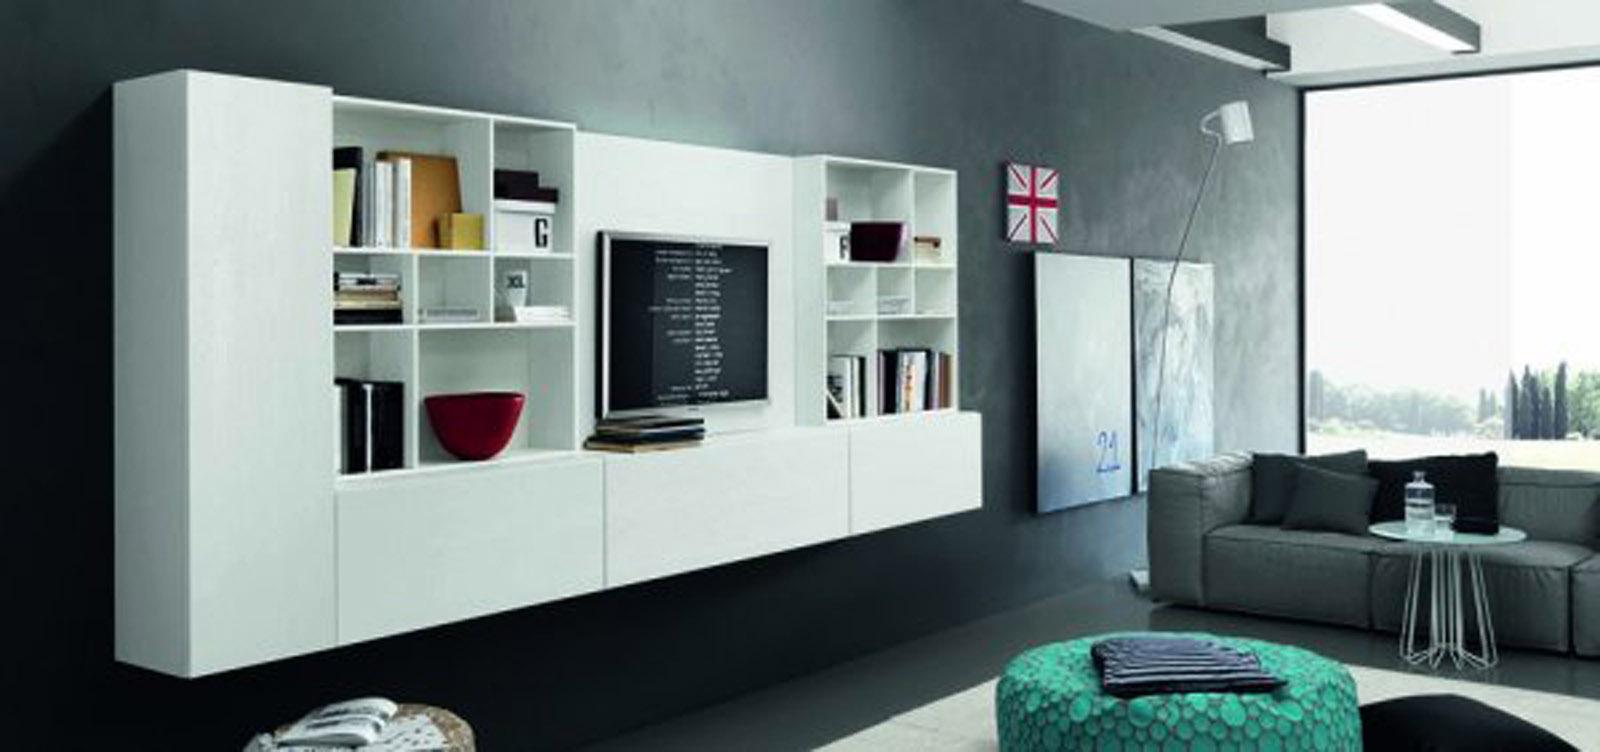 Arredare casa con poco spazio: consigli e idee per non rinunciare a ...